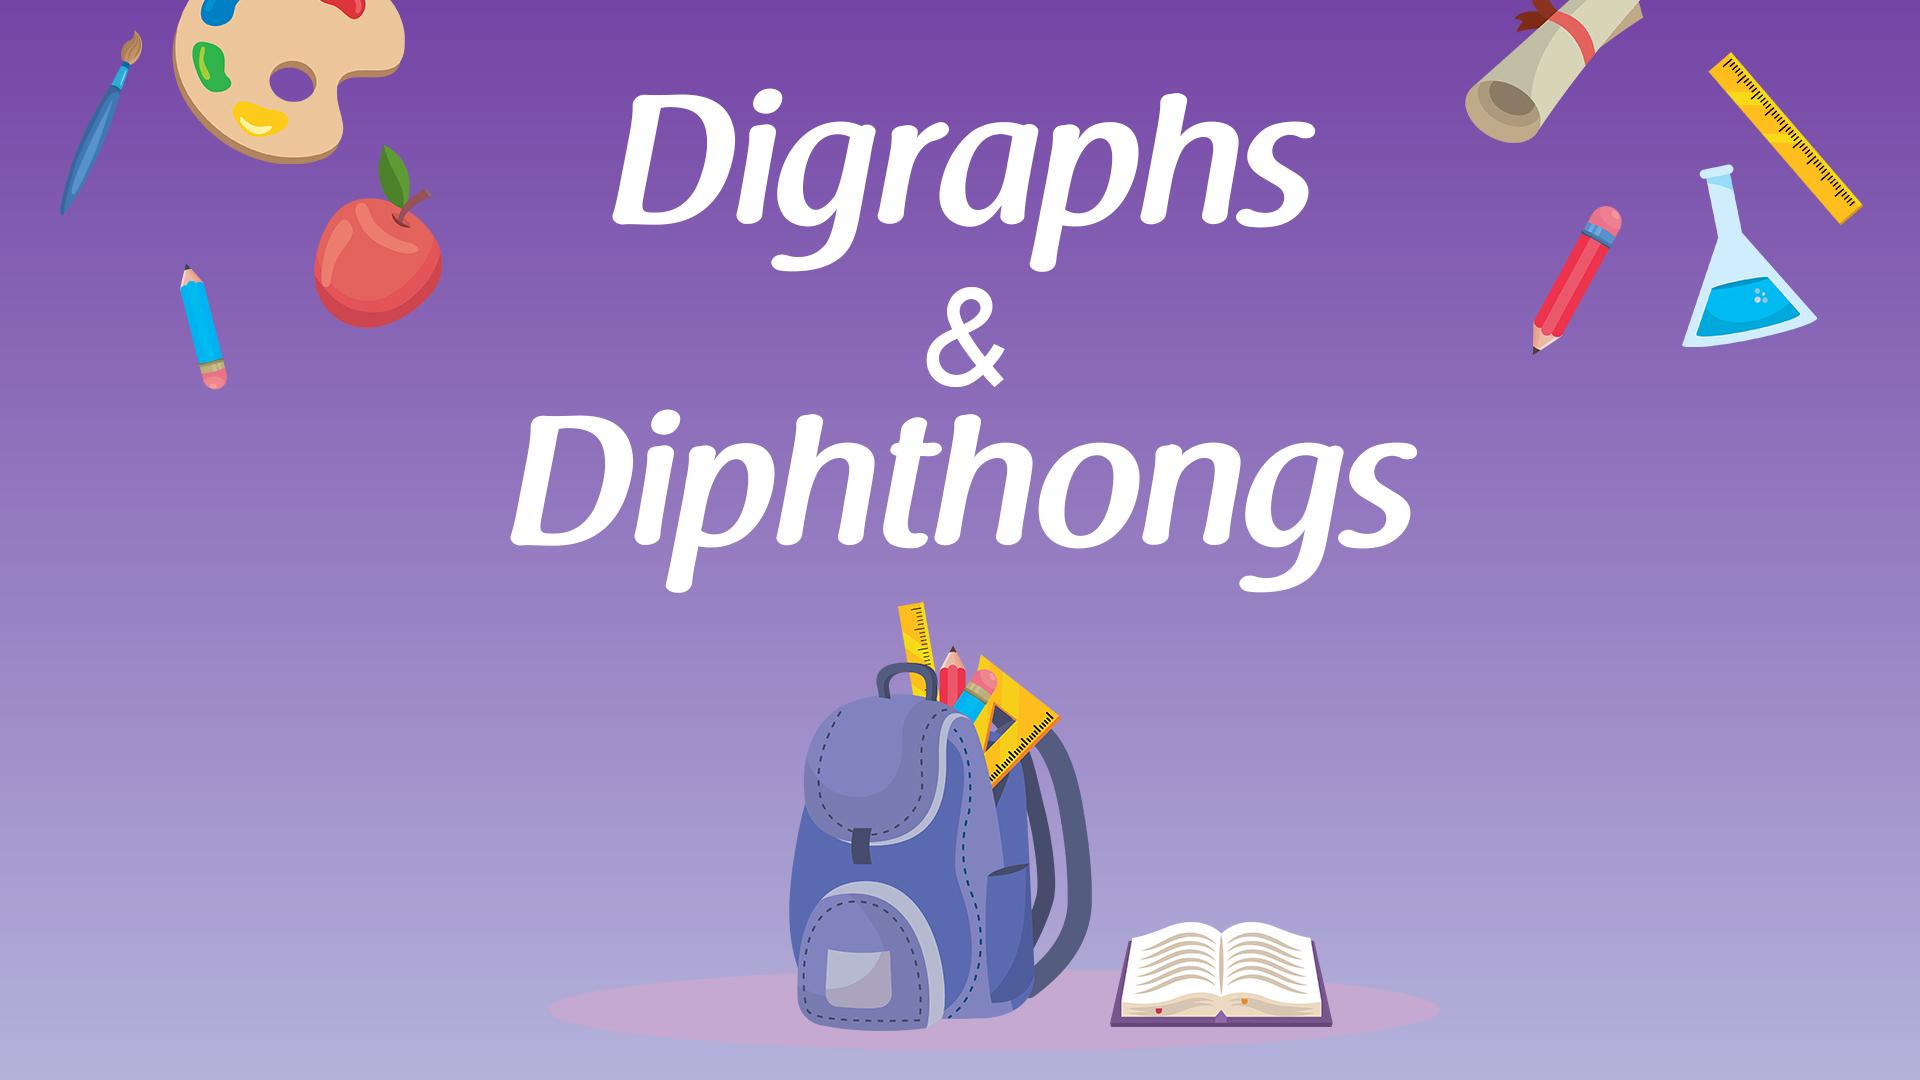 Digraphs and diphthongs thumbnail